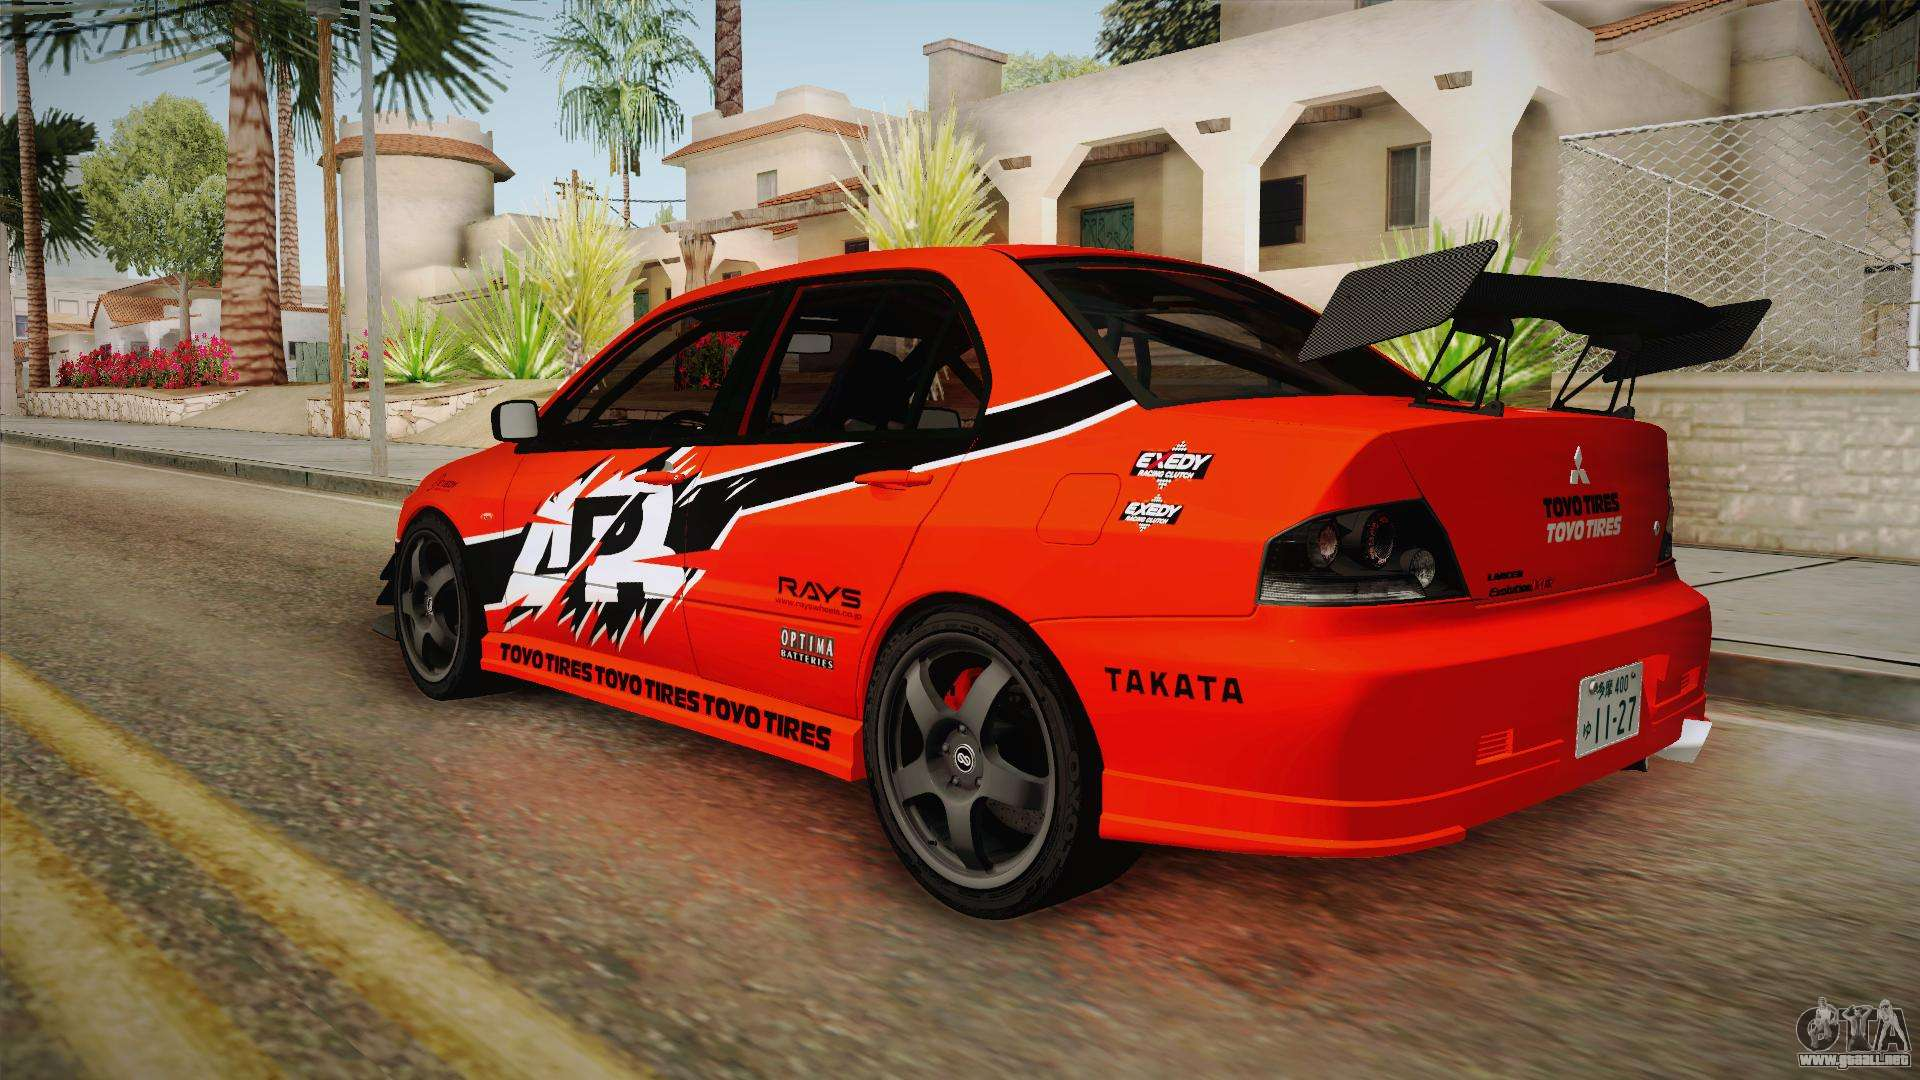 2006 Mitsubishi Lancer Evolution Mr >> Mitsubishi Lancer Evolution IX MR Tokyo Drift para GTA San ...